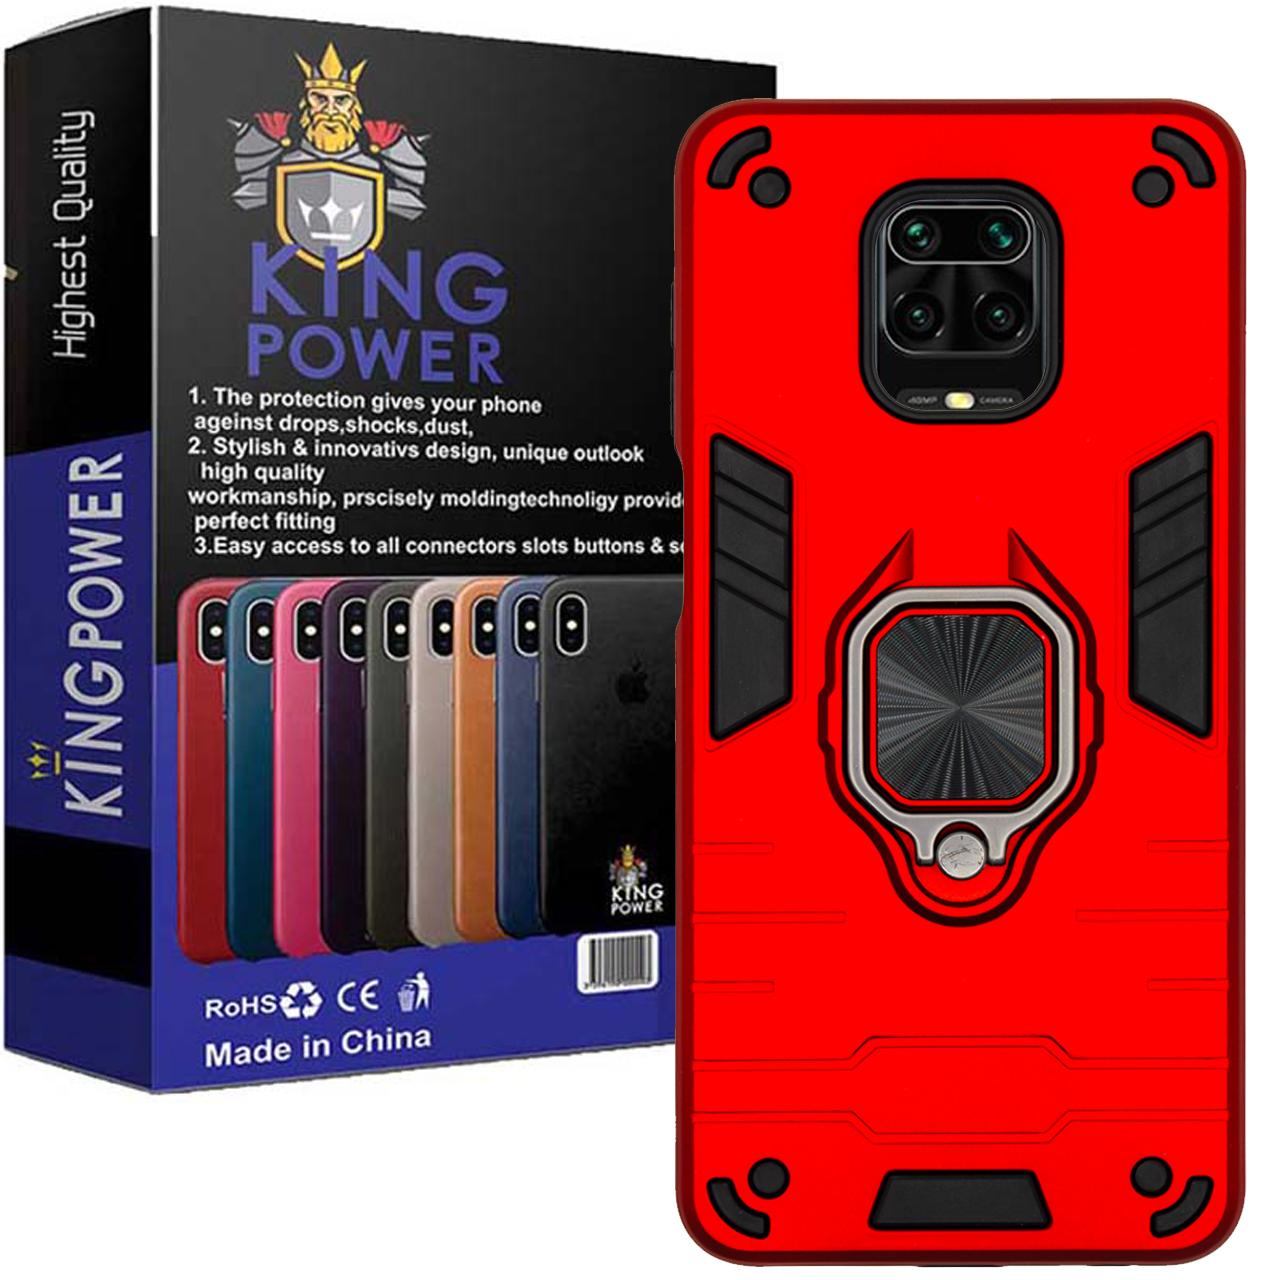 کاور کینگ پاور مدل ASH22 مناسب برای گوشی موبایل شیائومی Redmi Note 9S / Note 9 Pro / Note 9 Pro Max